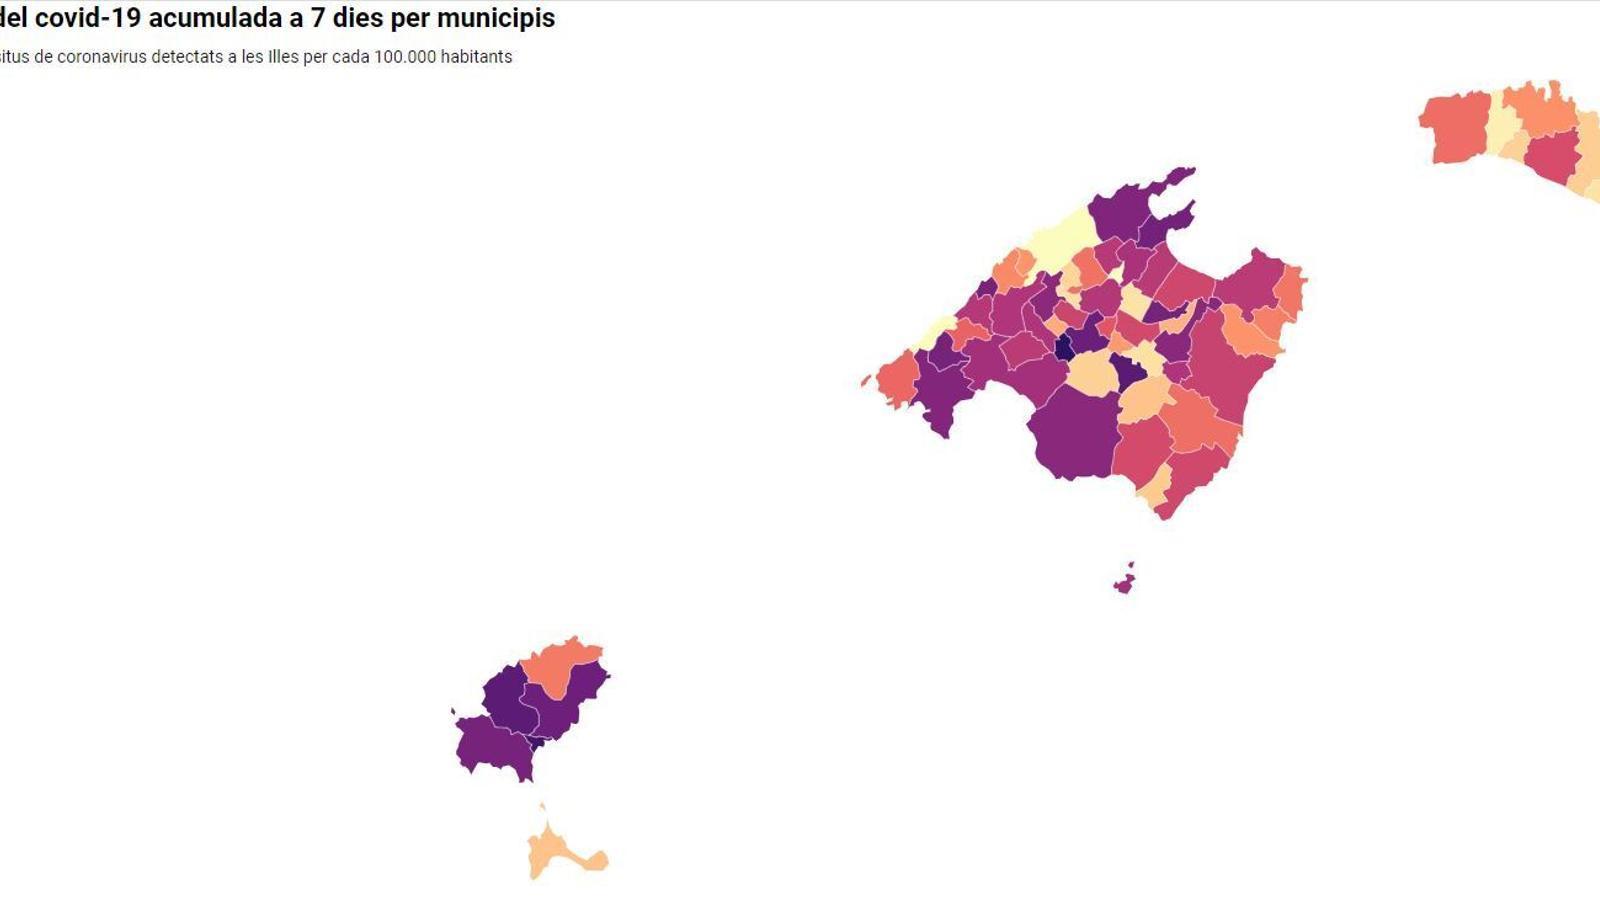 Imatge del mapa interactiu d'incidència del covid-19 a 7 dies per municipis